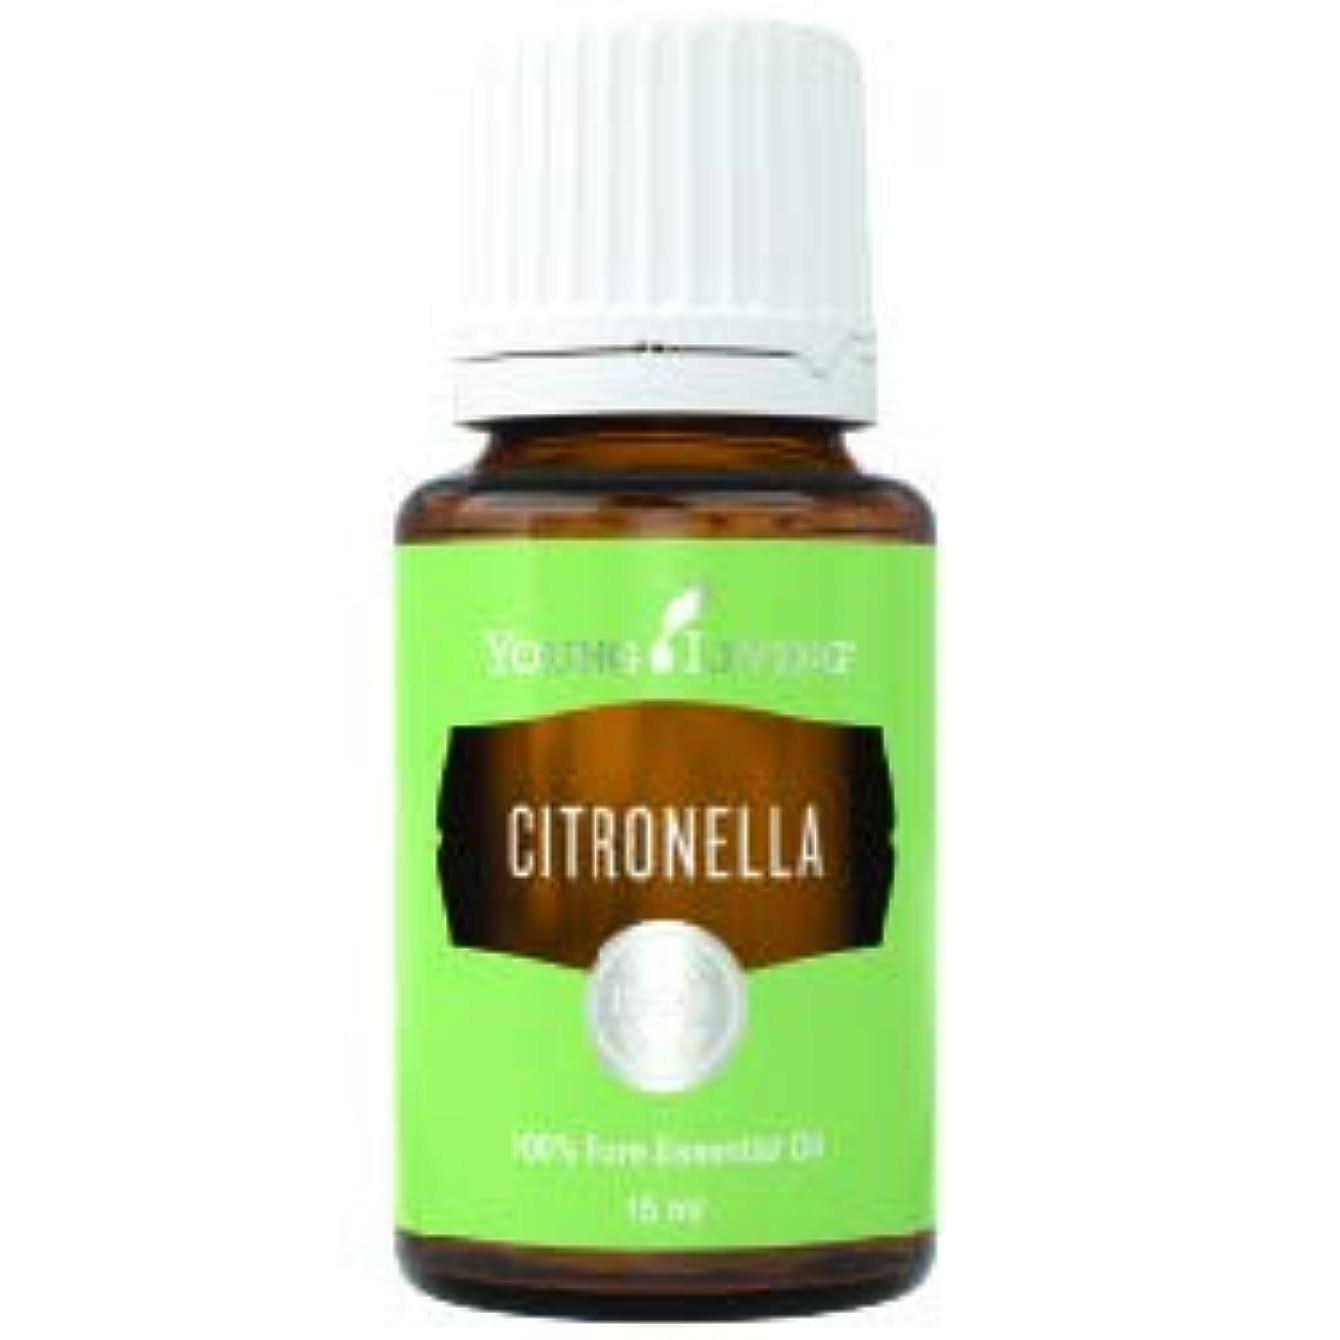 作り弁護士明るいシトロネラエッセンシャルオイル15 ml byヤングリビングマレーシア Citronella Essential Oil 15 ml by Young Living Malaysia